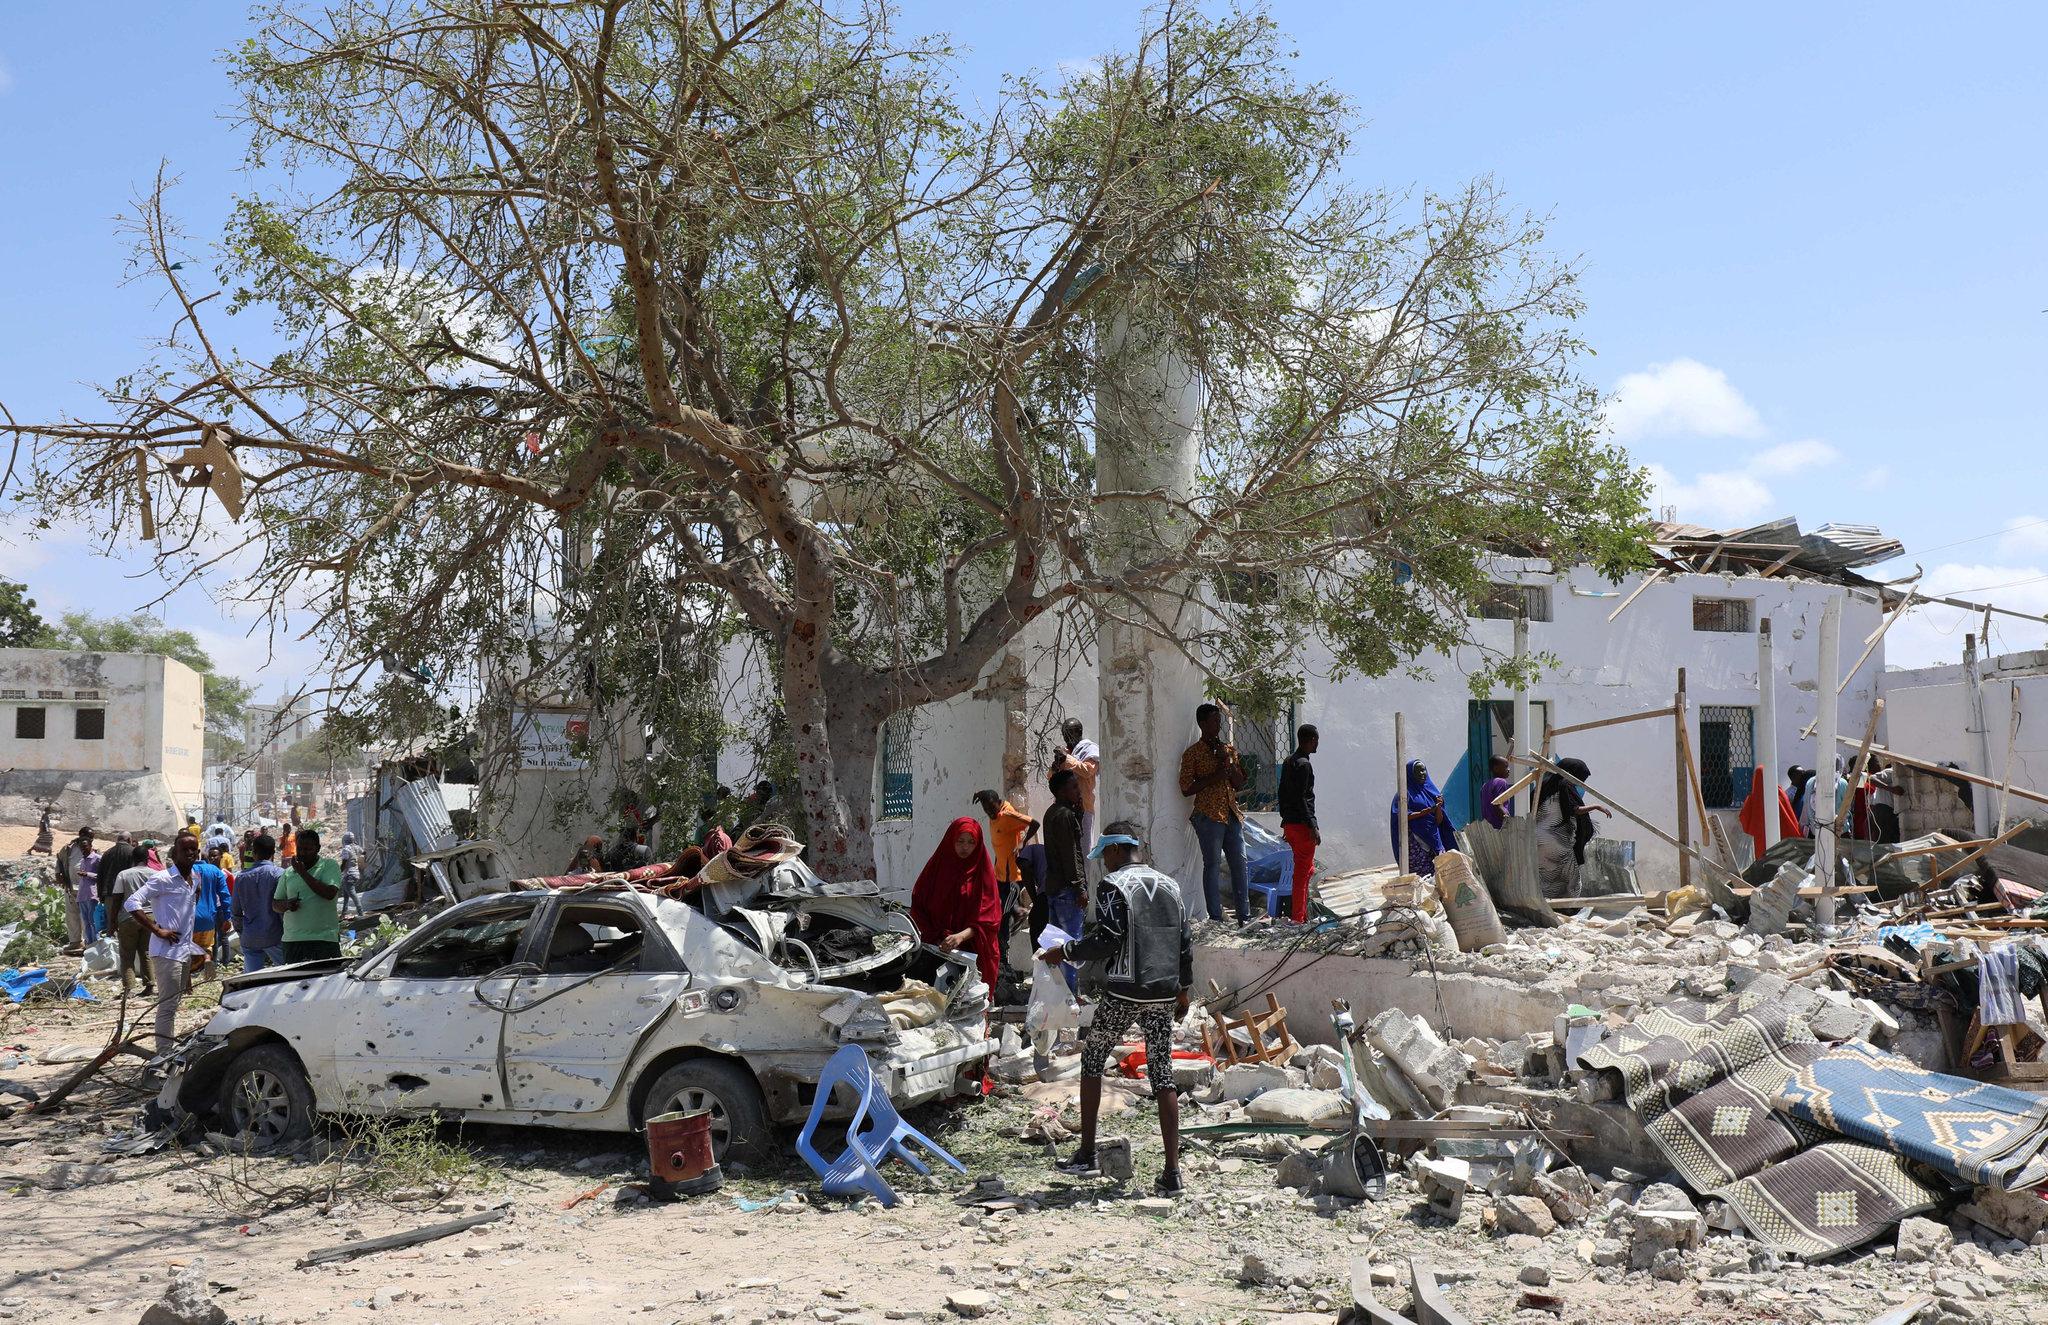 3 killed, over 10 injured in blast in Somalia's Mogadishu